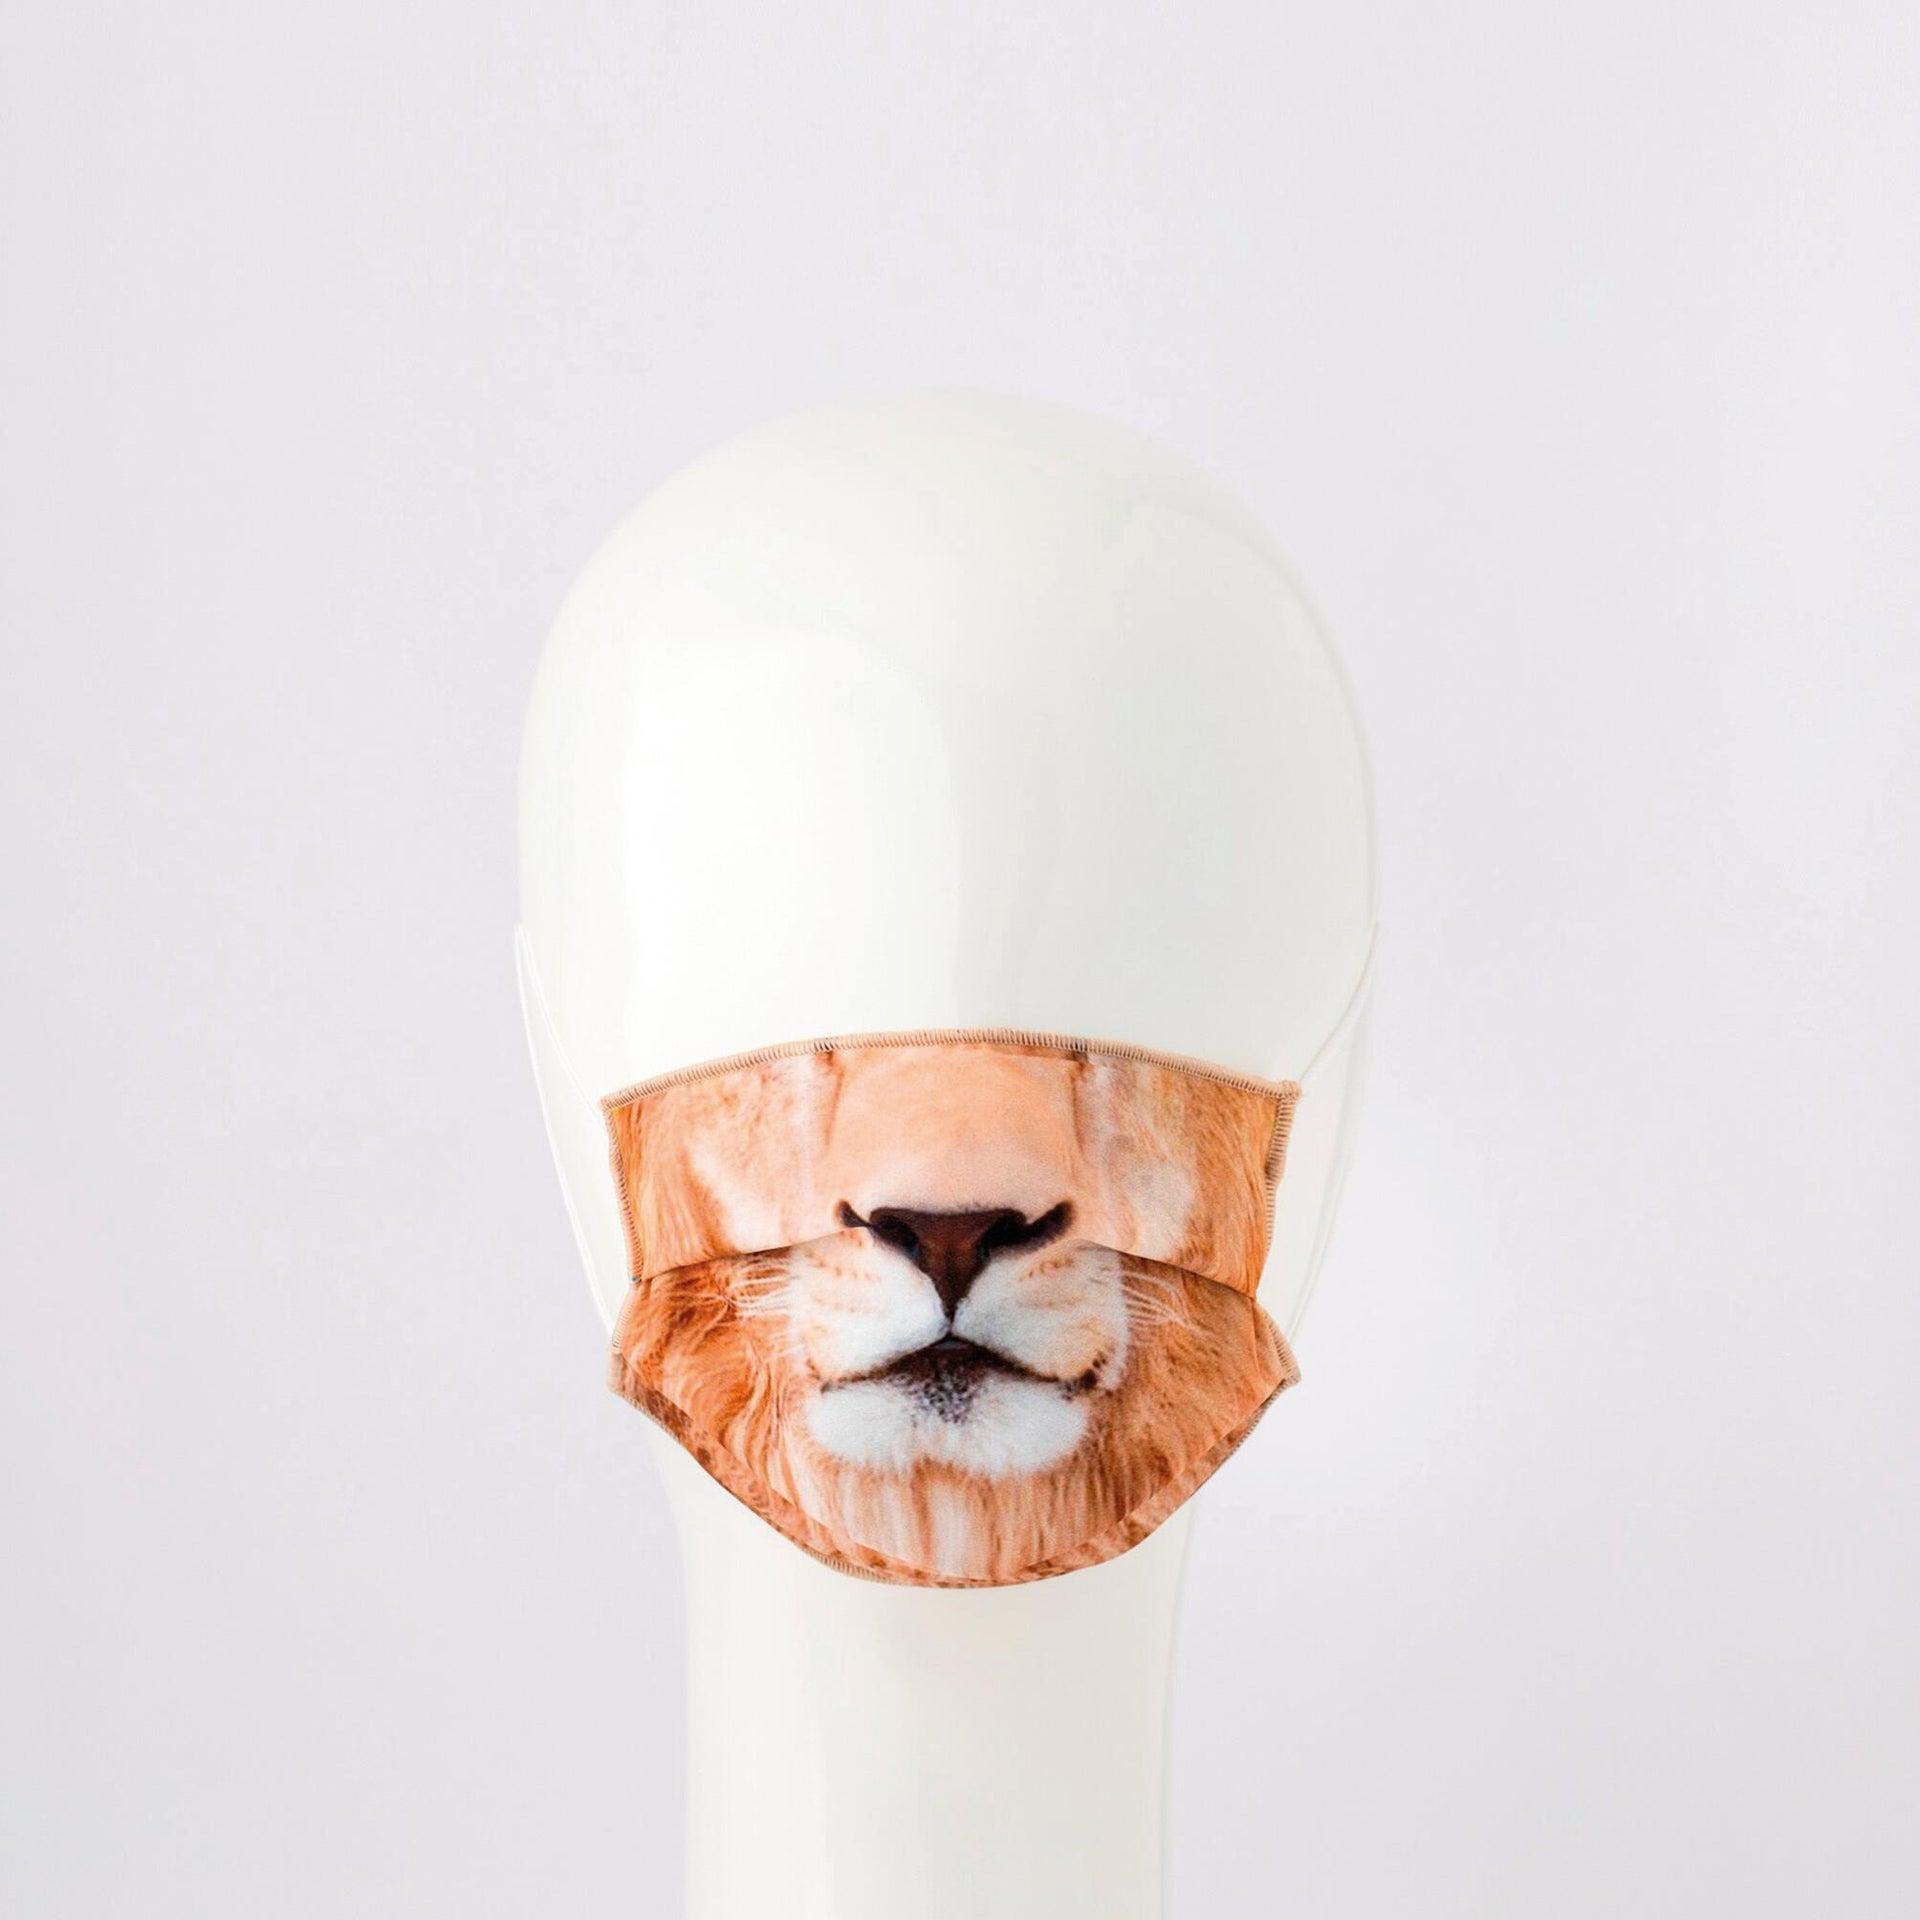 Maschera in tessuto lavabile per utilizzo non sanitario Baby leone - 1